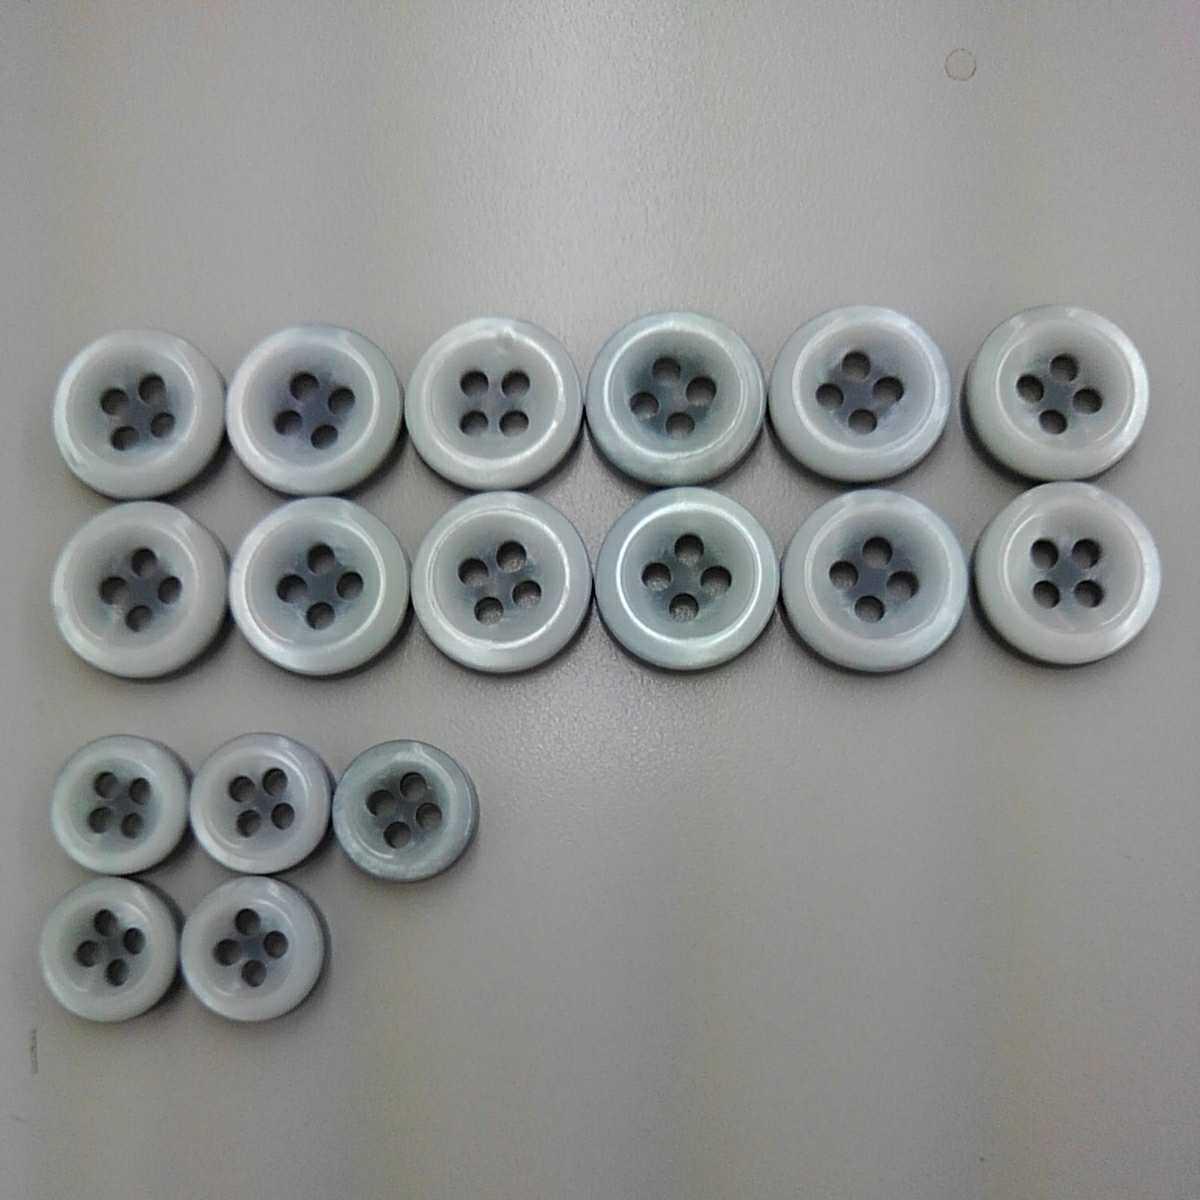 ◆ボタンダウンシャツ用 ボタン 大12個+小5個 クリアグレー×グレー◆_画像1